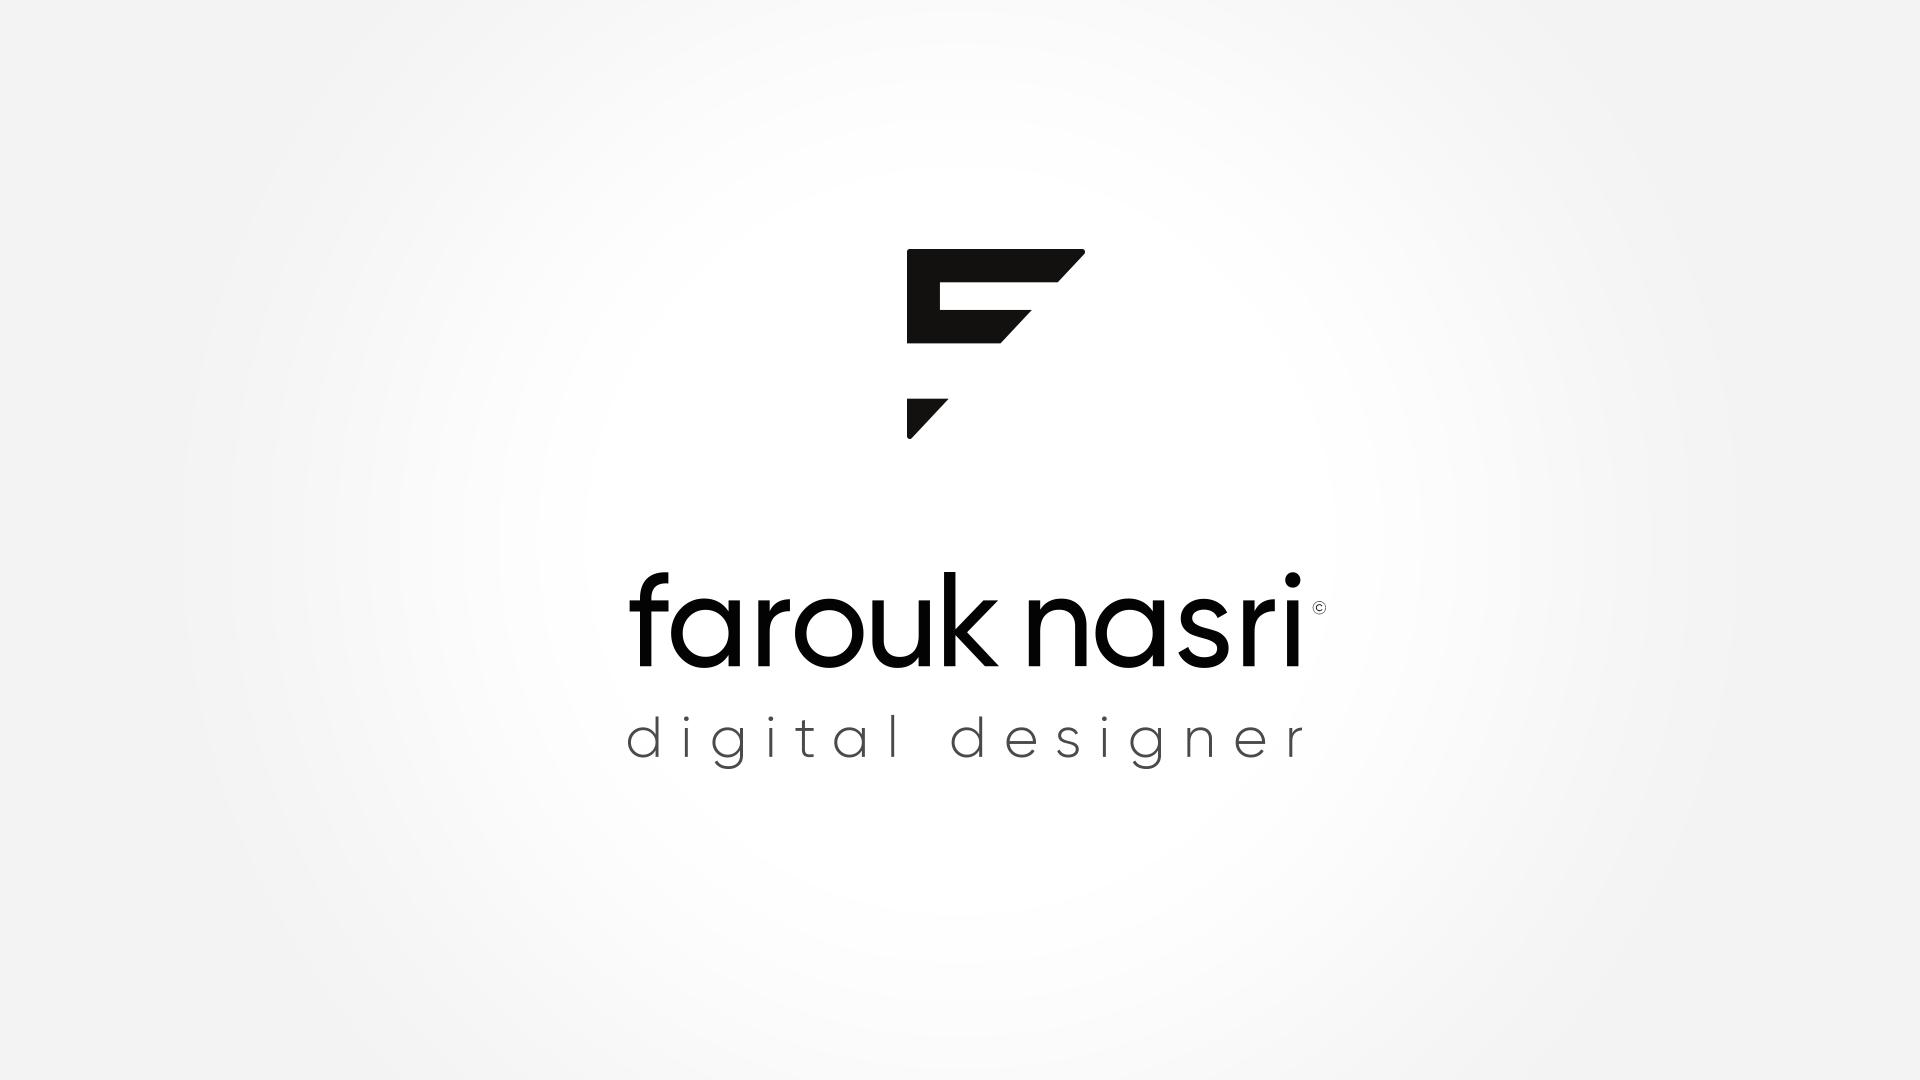 Logo finalisé et vectorisé Farouk Nasri avec le symbole F